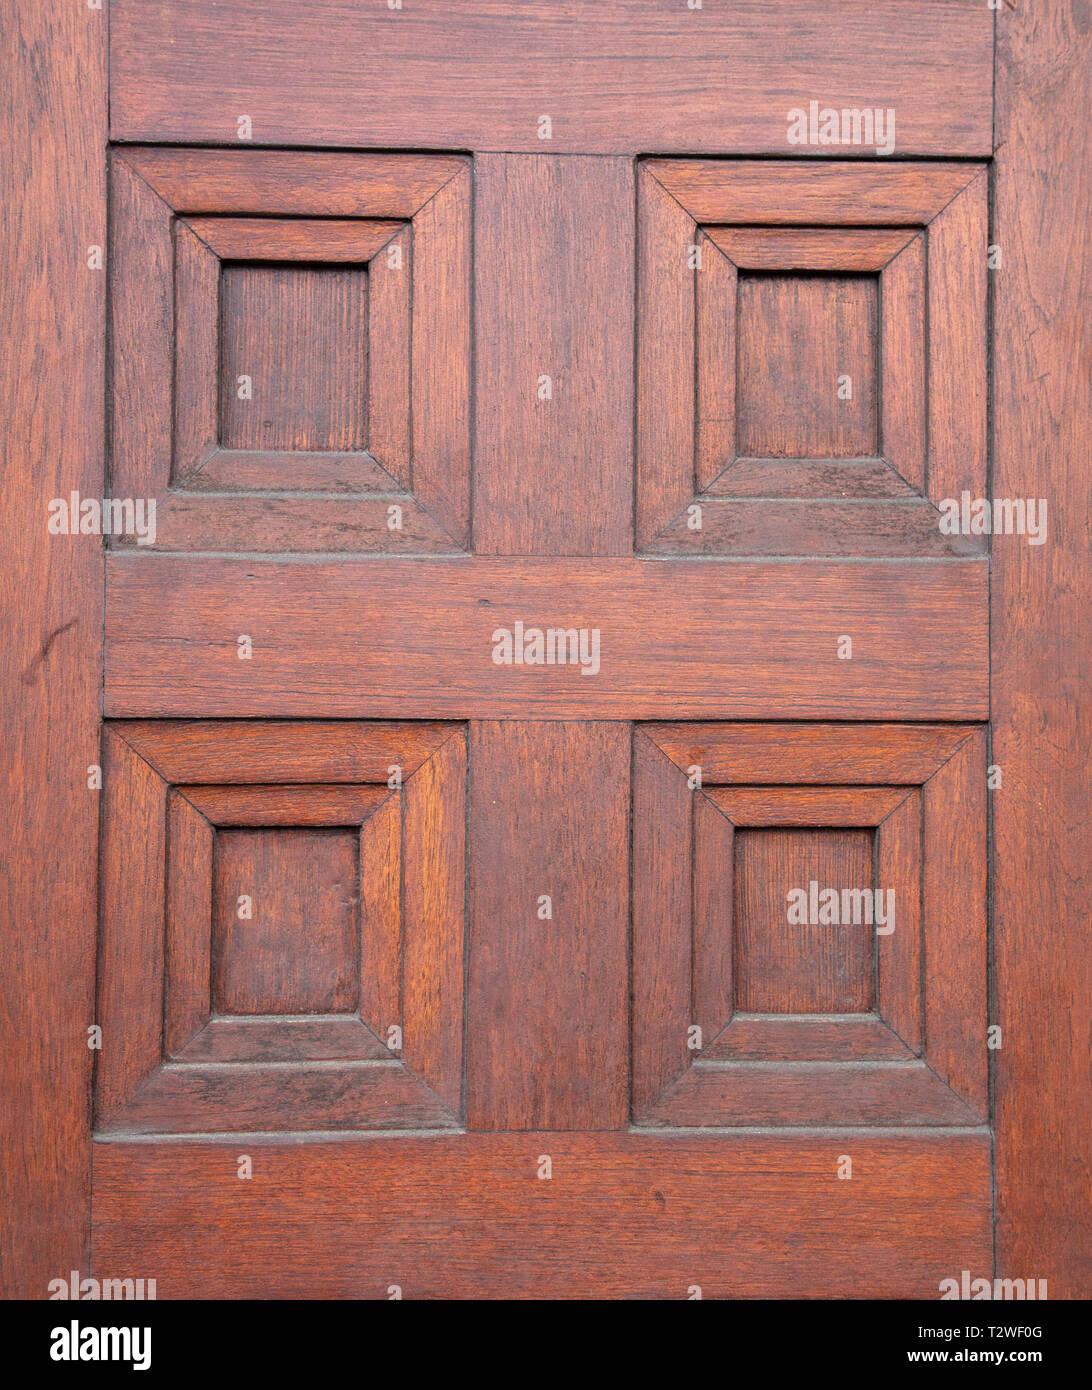 Wood Door Panel Stock Photos U0026 Wood Door Panel Stock Images ...